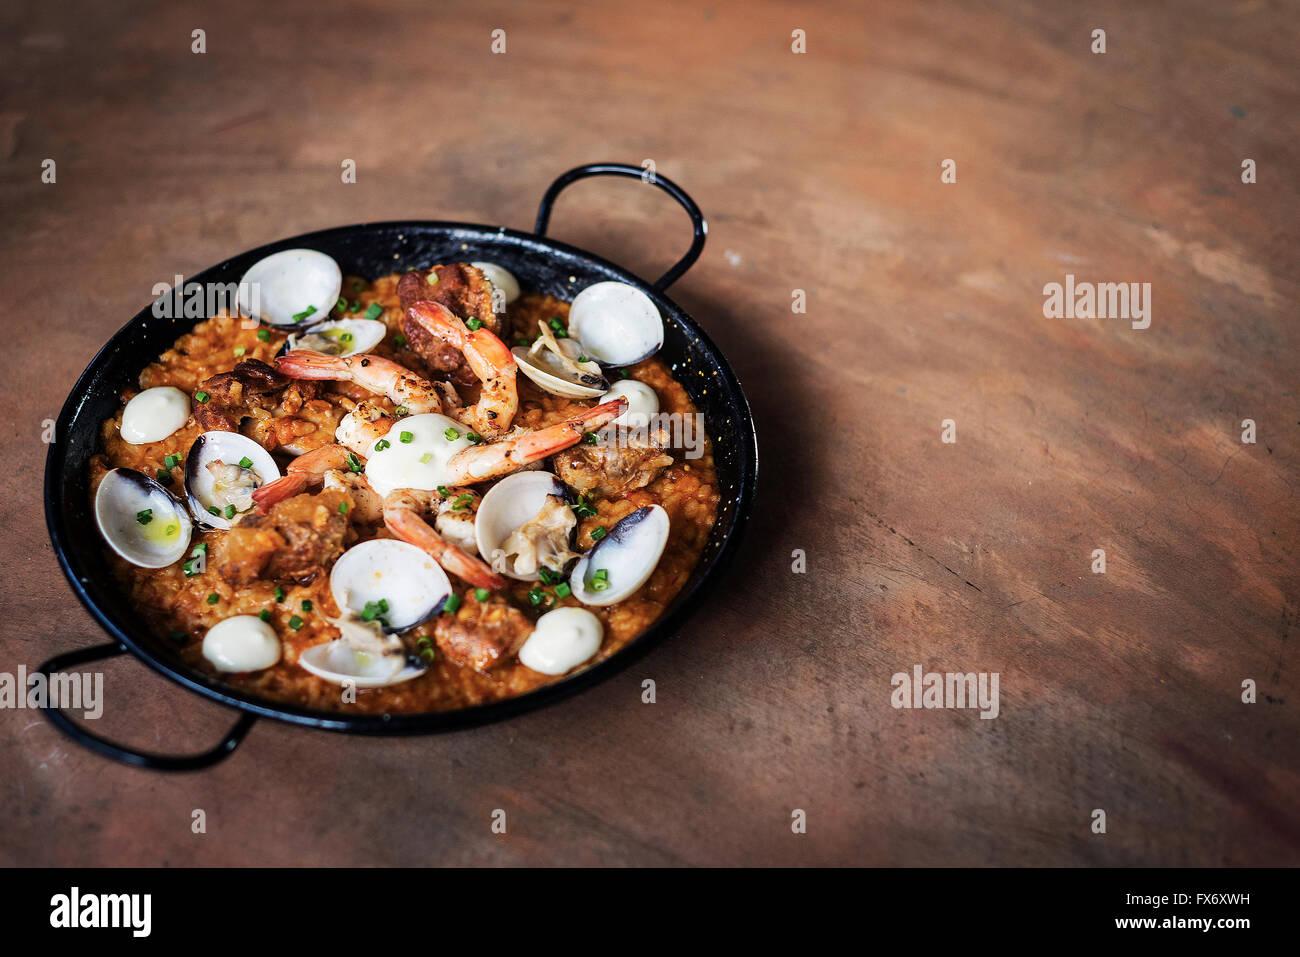 El marisco y el arroz paella tradicional de alimentos españoles famosos Imagen De Stock